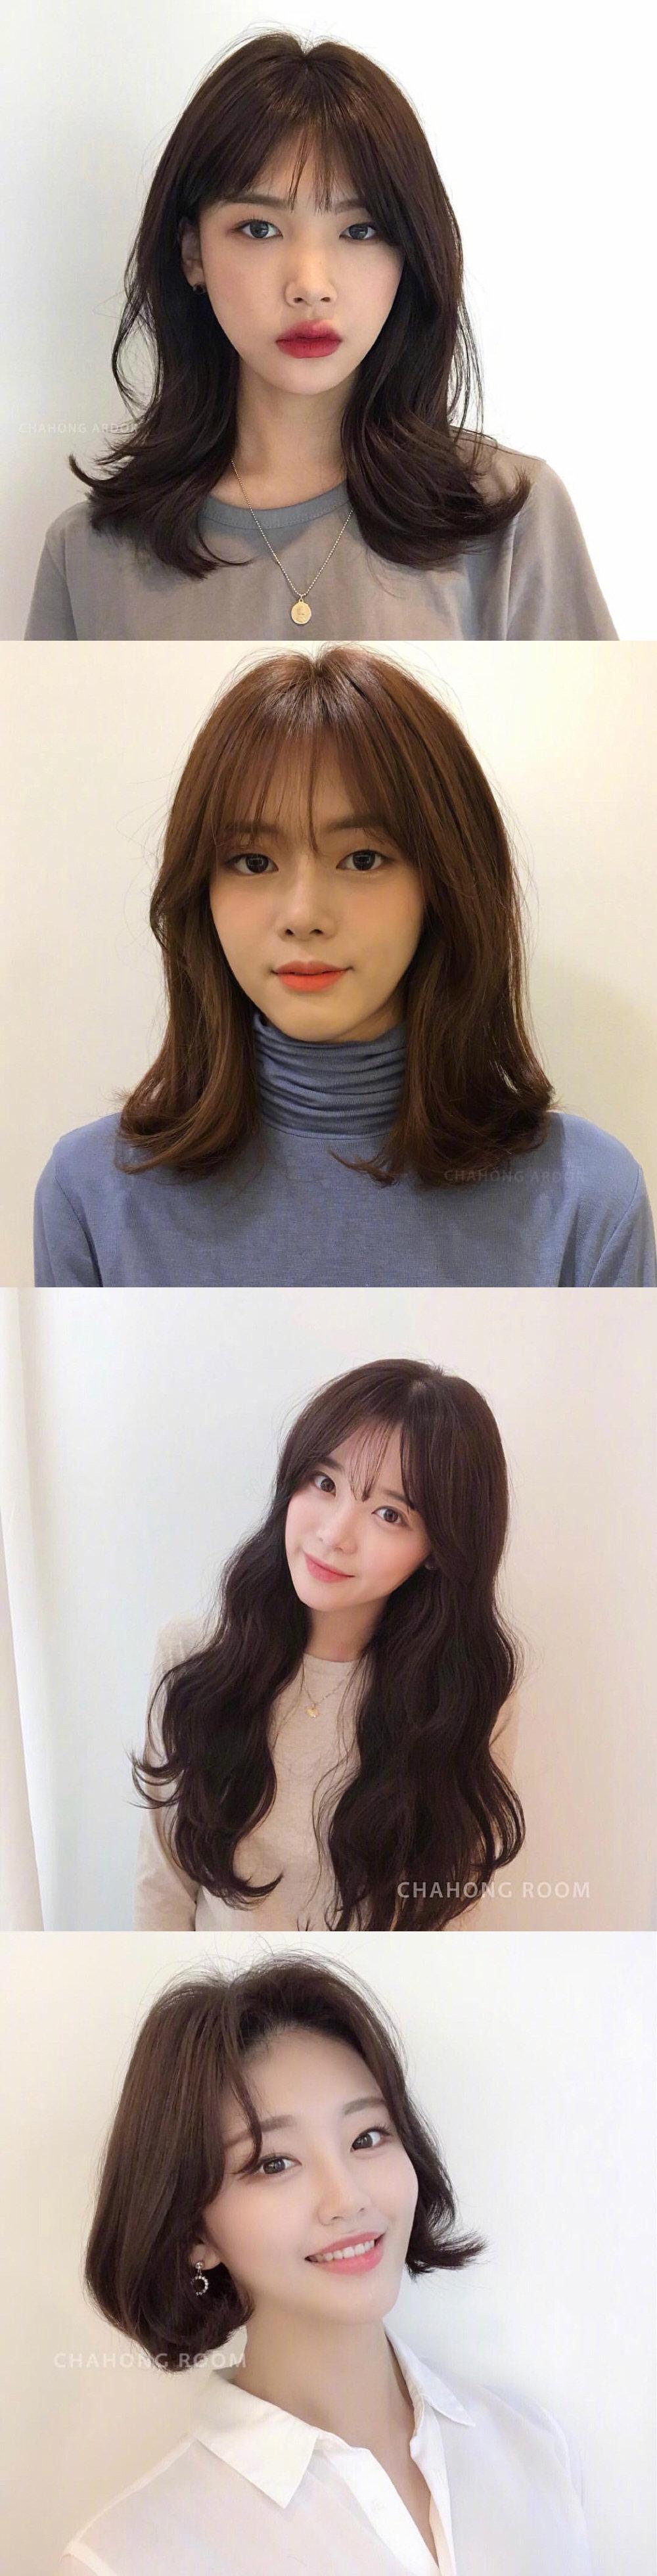 36款发型合集 想换发型的妹子可以参考一下